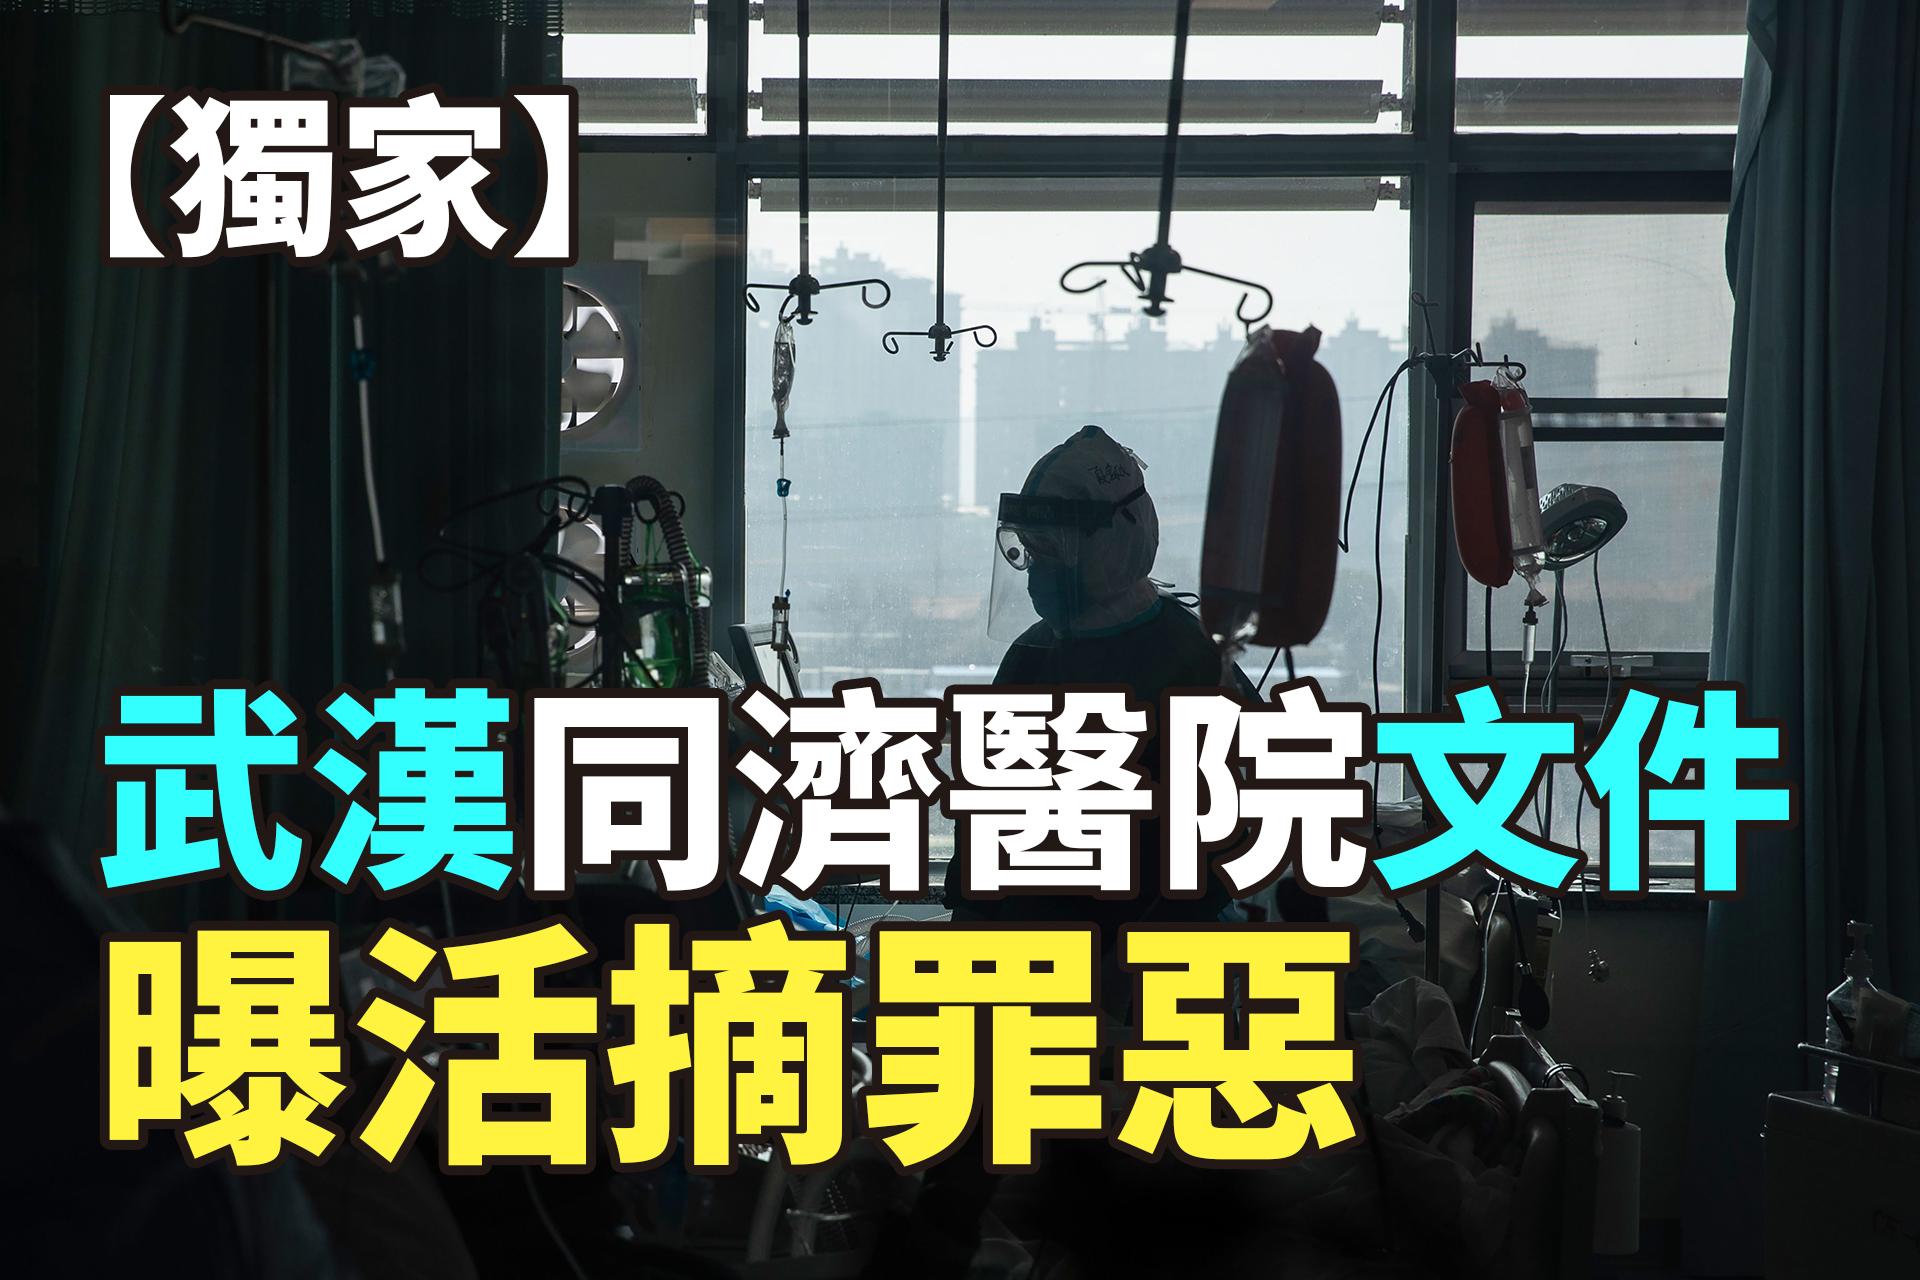 【紀元播報】獨家:武漢同濟醫院文件曝器官移植秘密